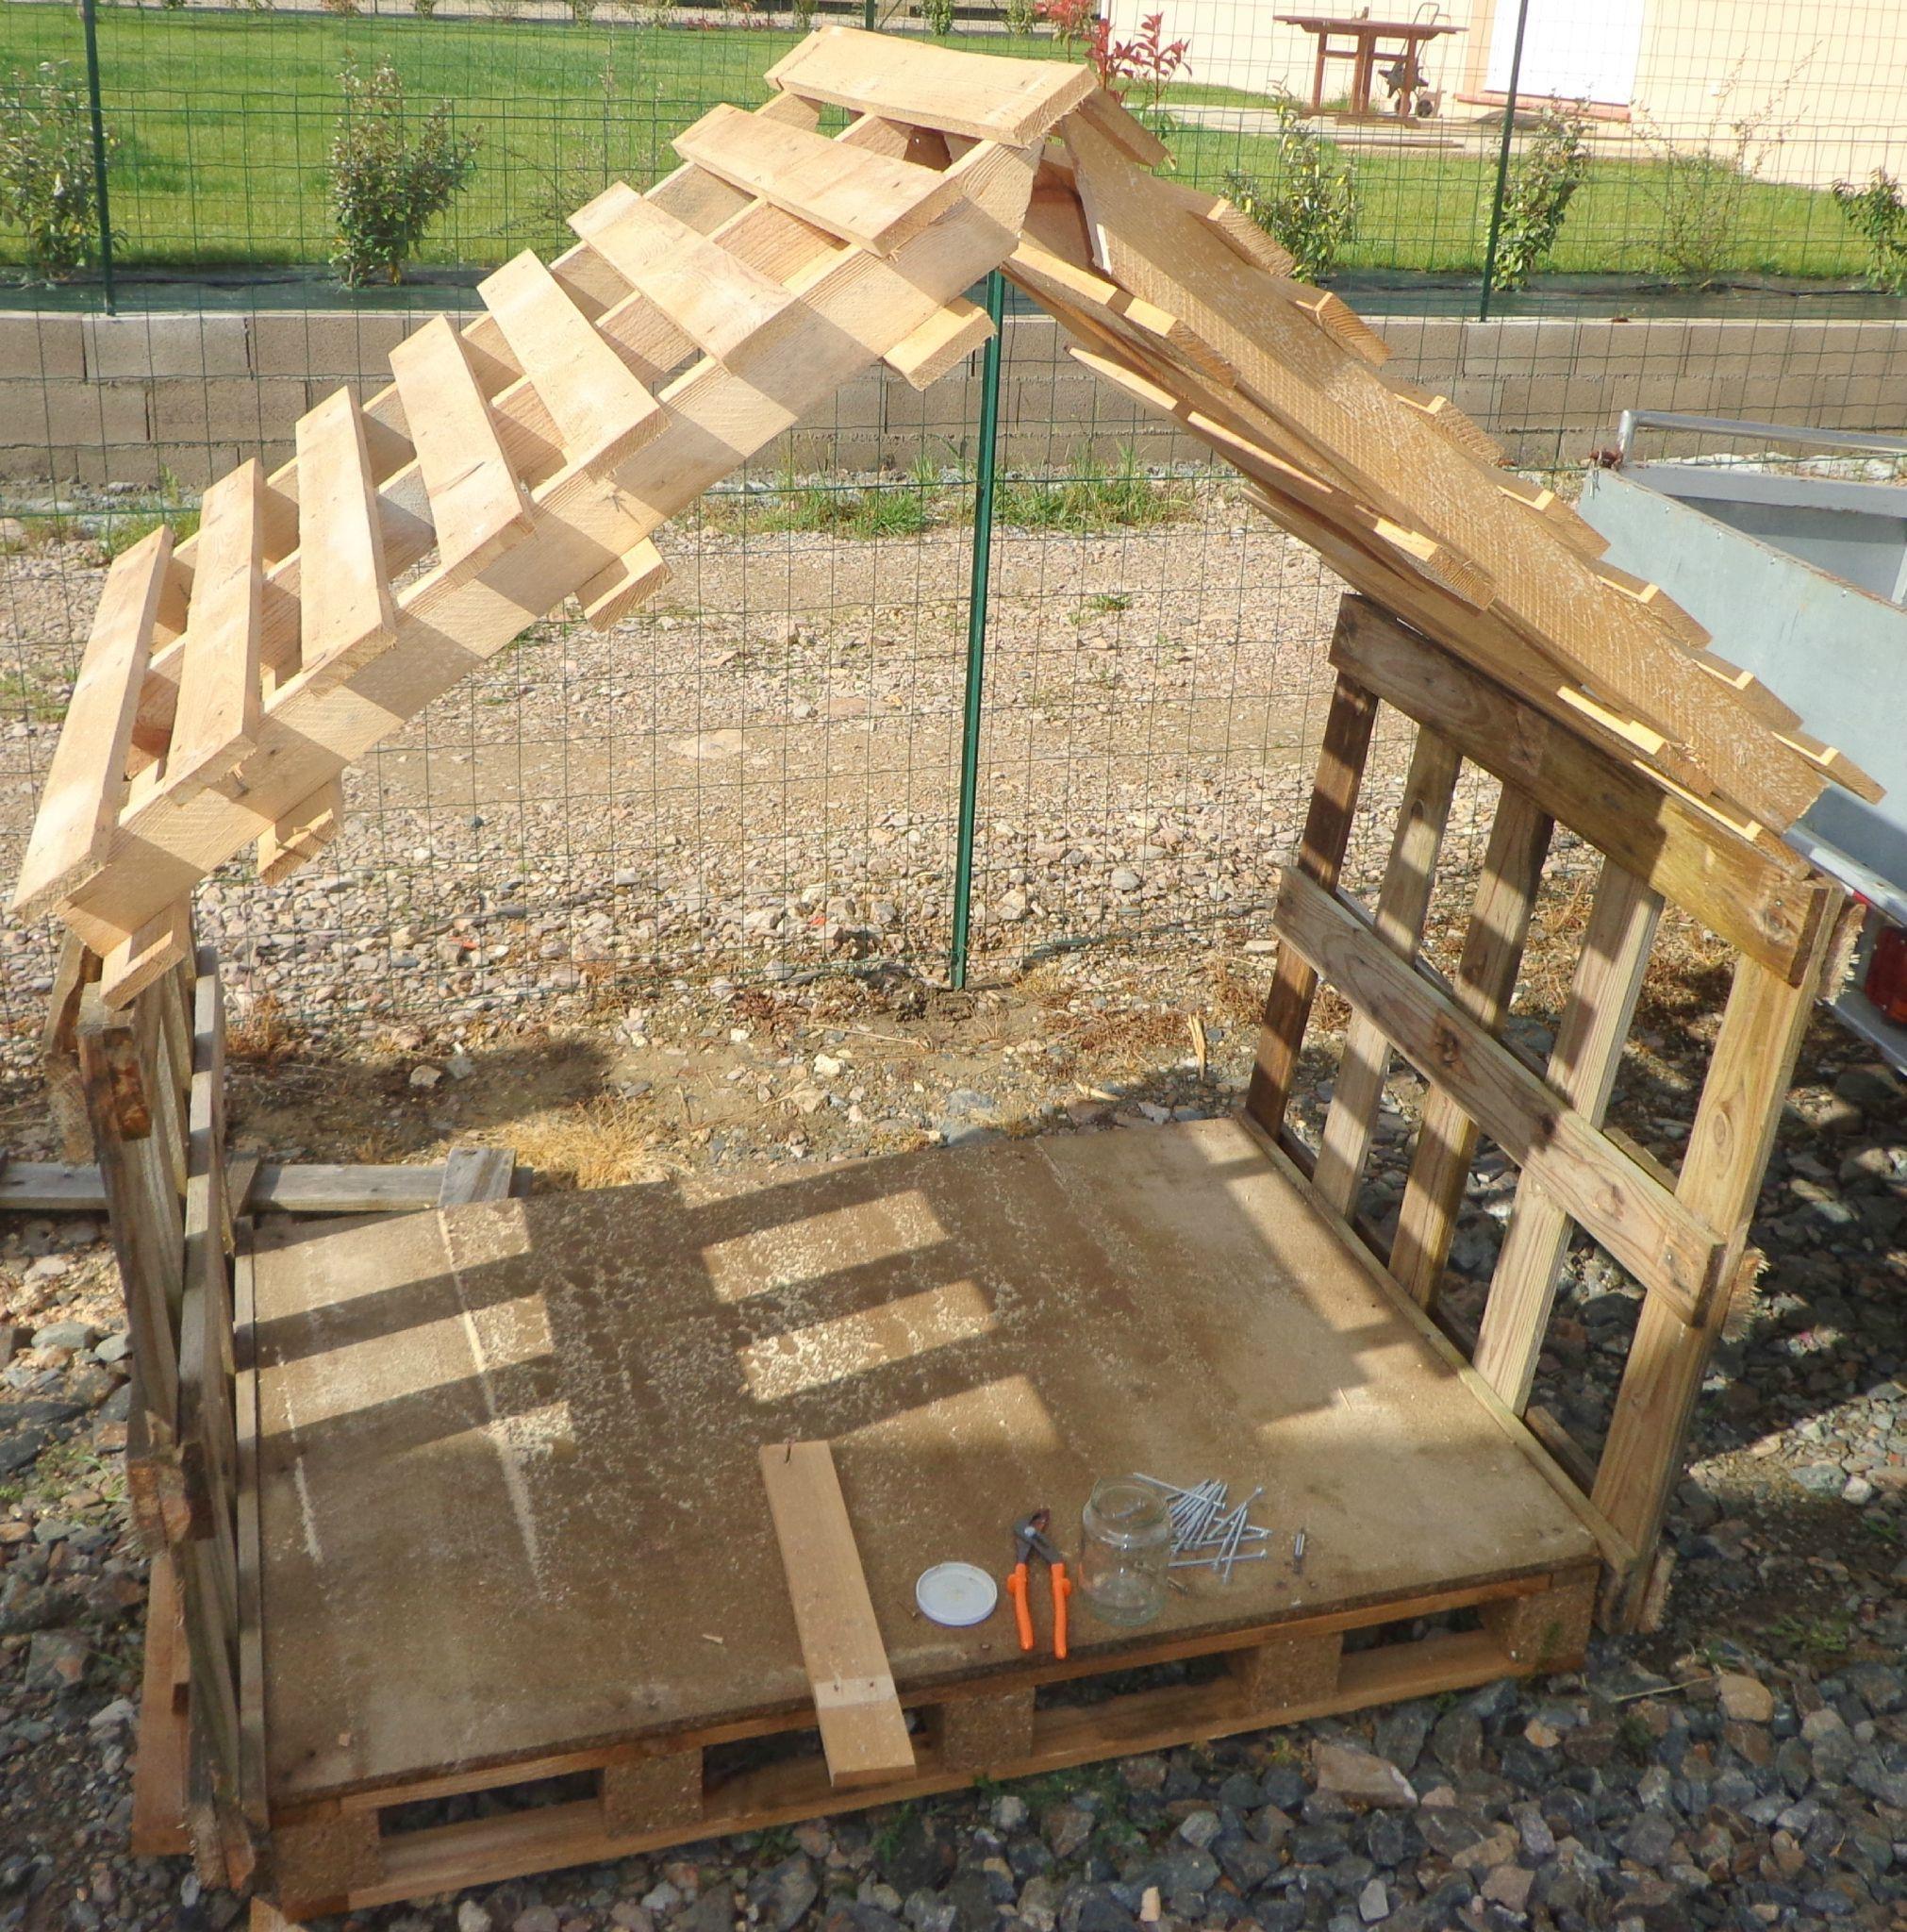 Cabane Enfant Ou Abris Chien - Recyclage Et Création ... tout Cabane De Jardin Enfant Pas Cher